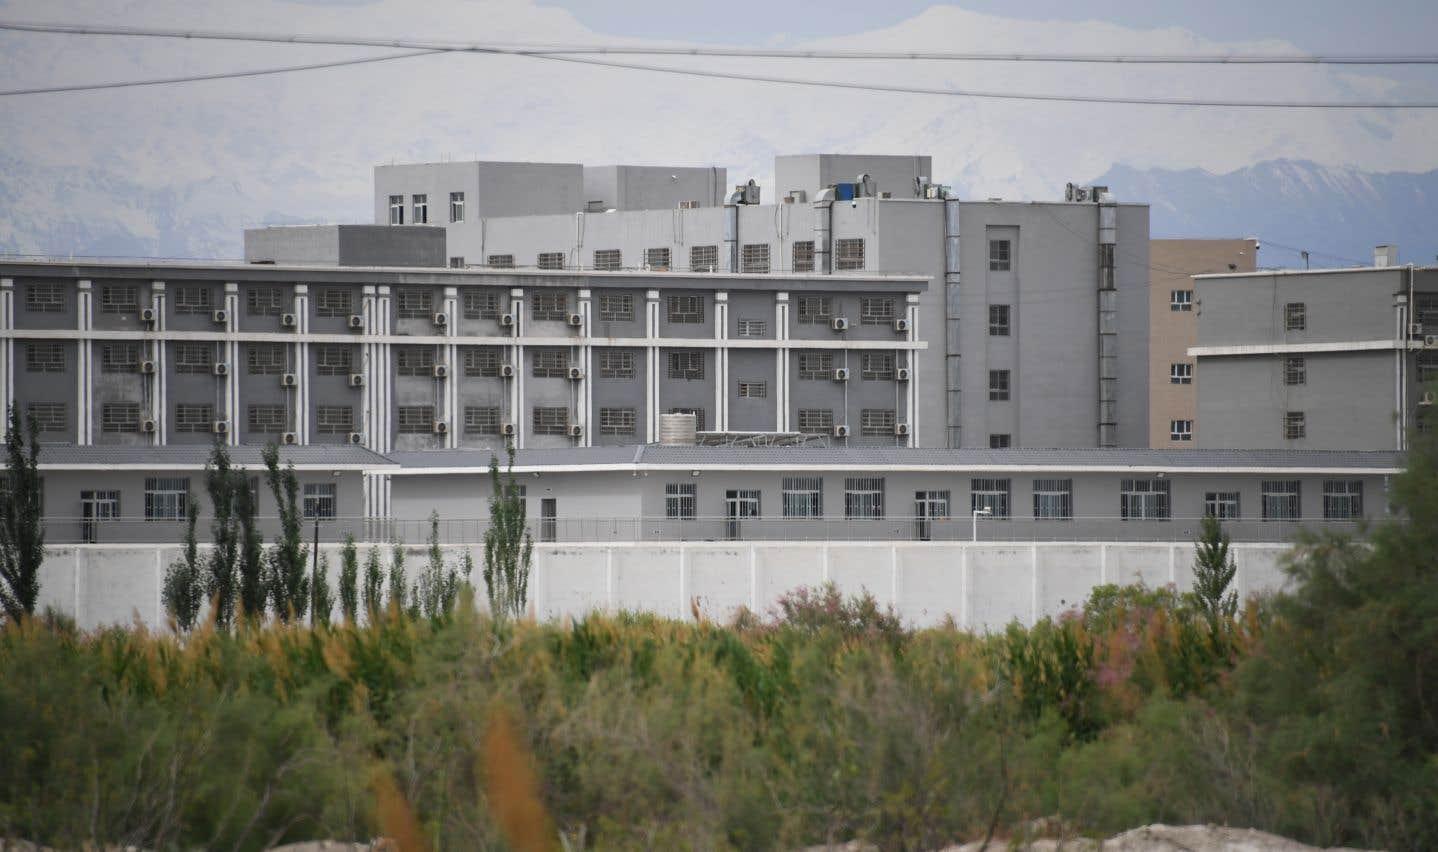 Le coronavirus est une alarme parmi les prisonniers: de la Chine à l'Iran, dans les prisons, c'est une alarme rouge